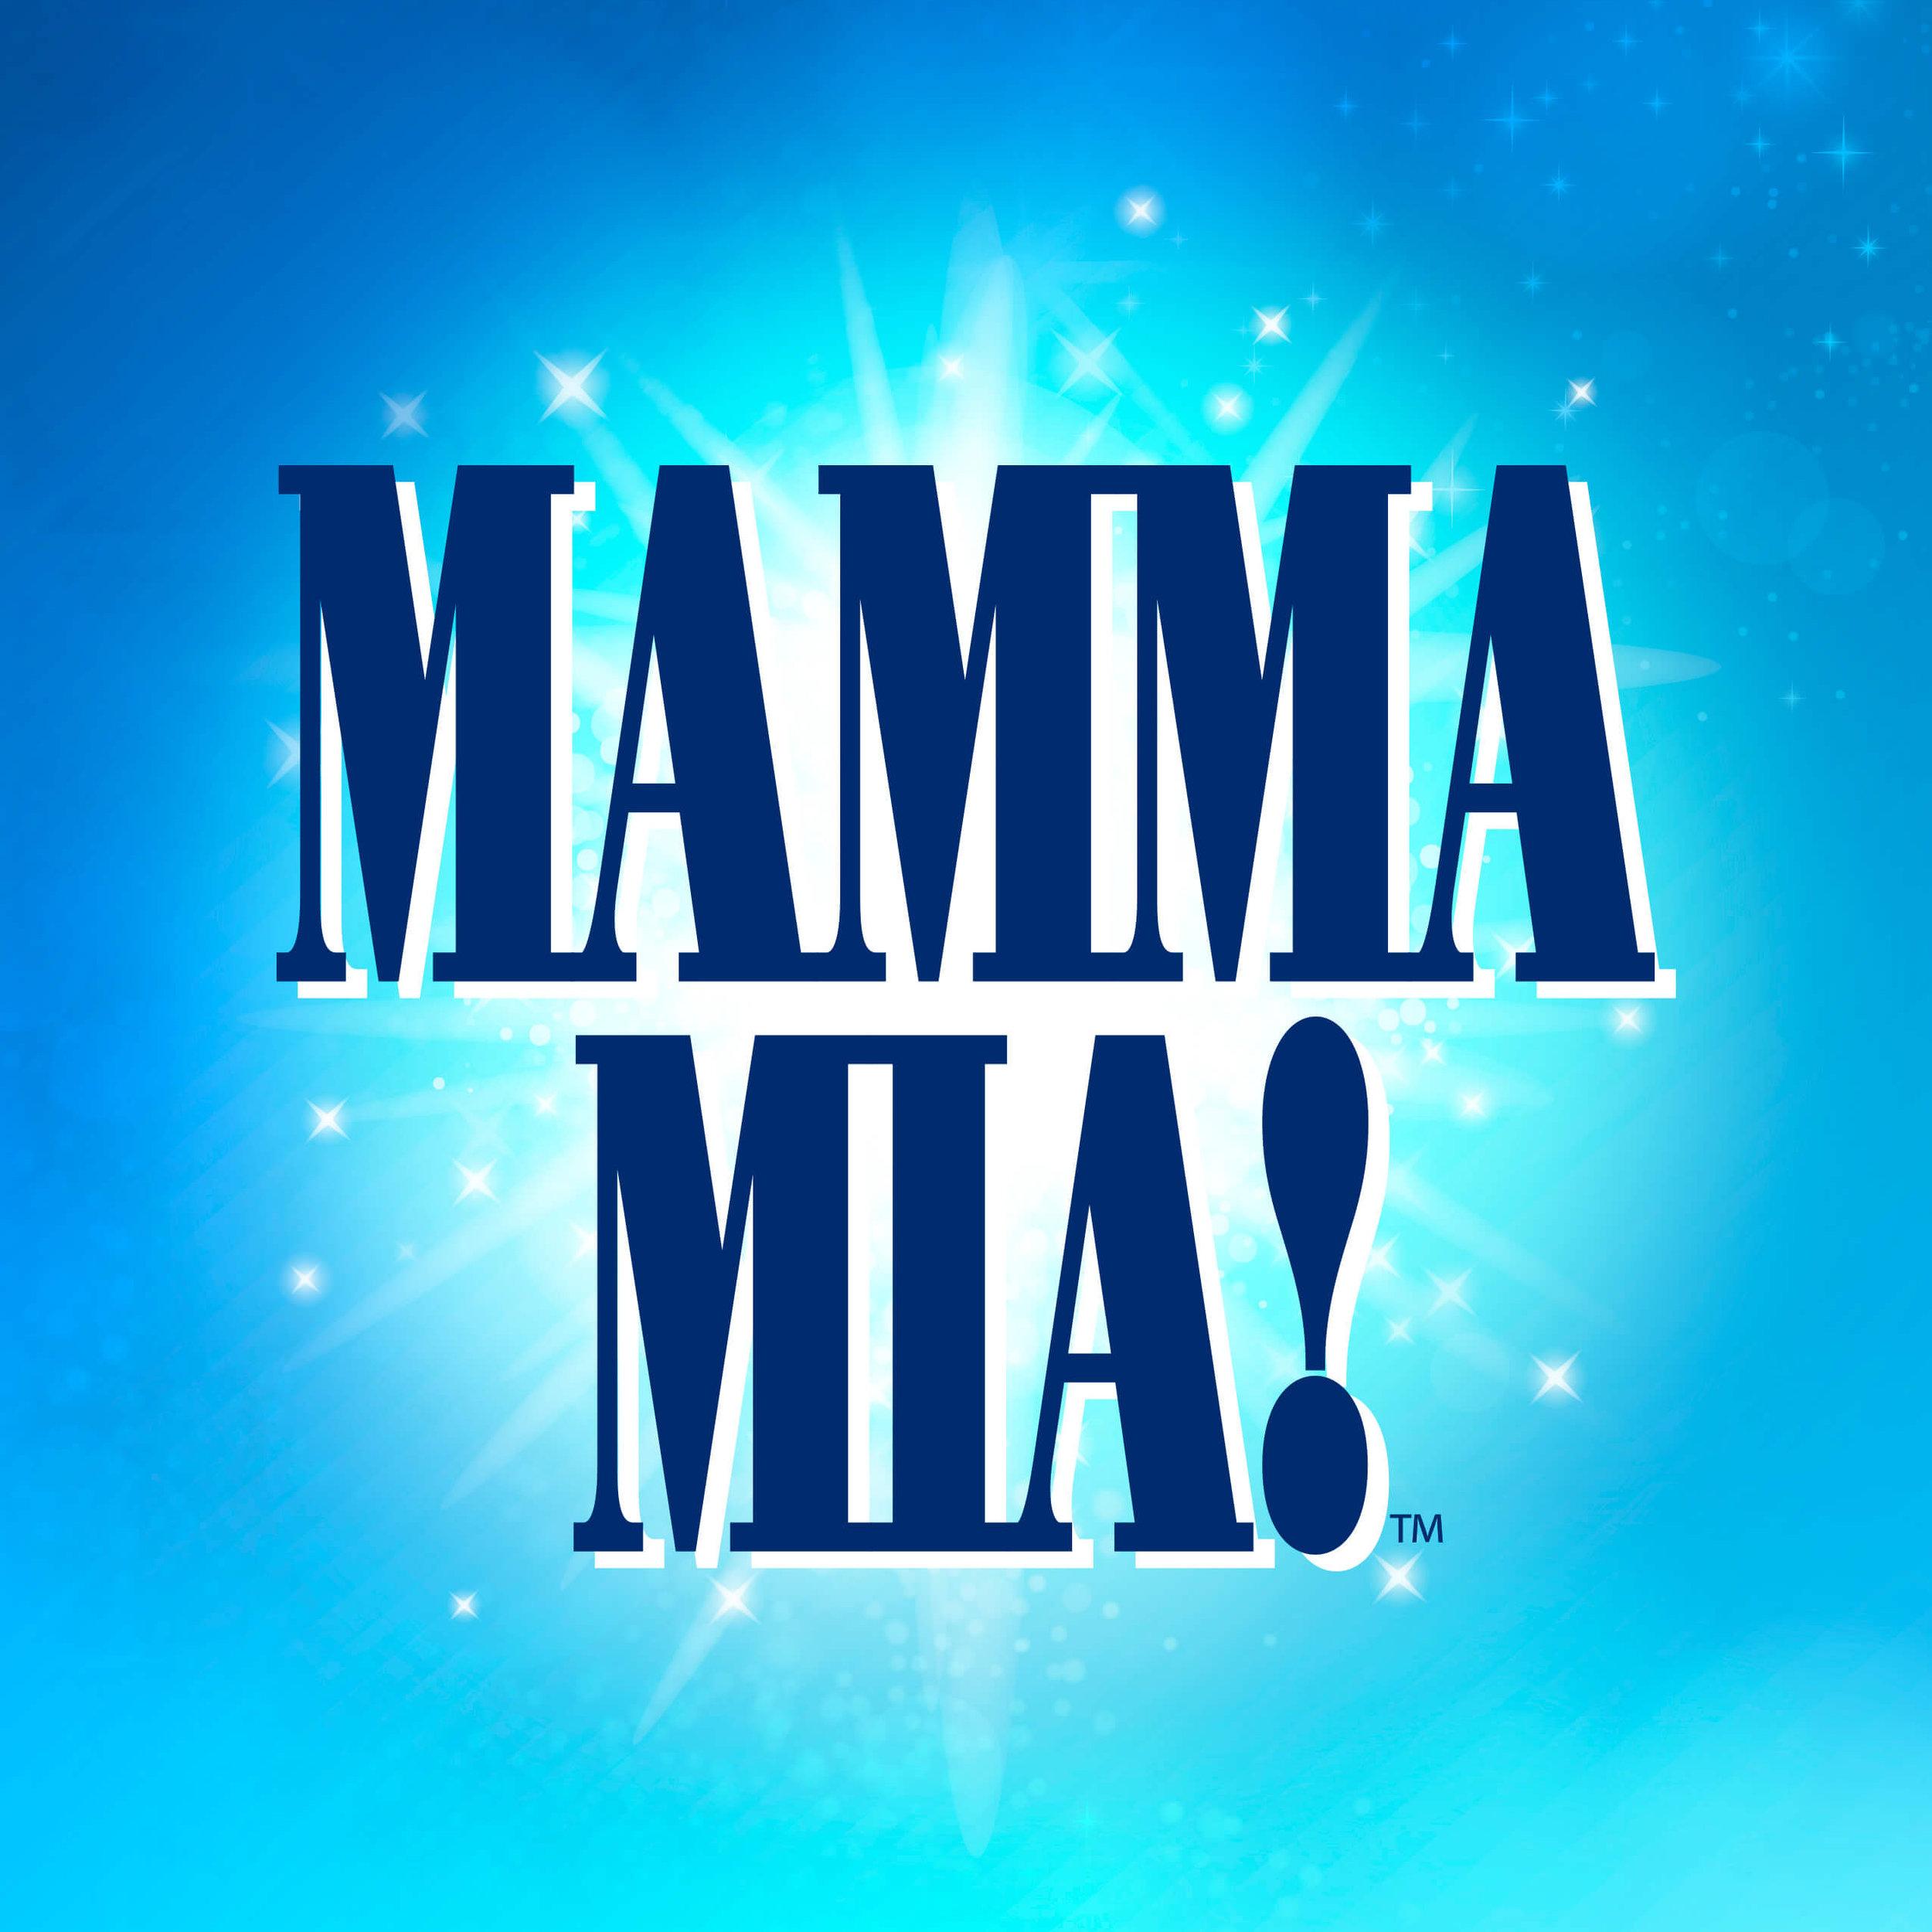 MS_Mamma-Mia_Square.jpg